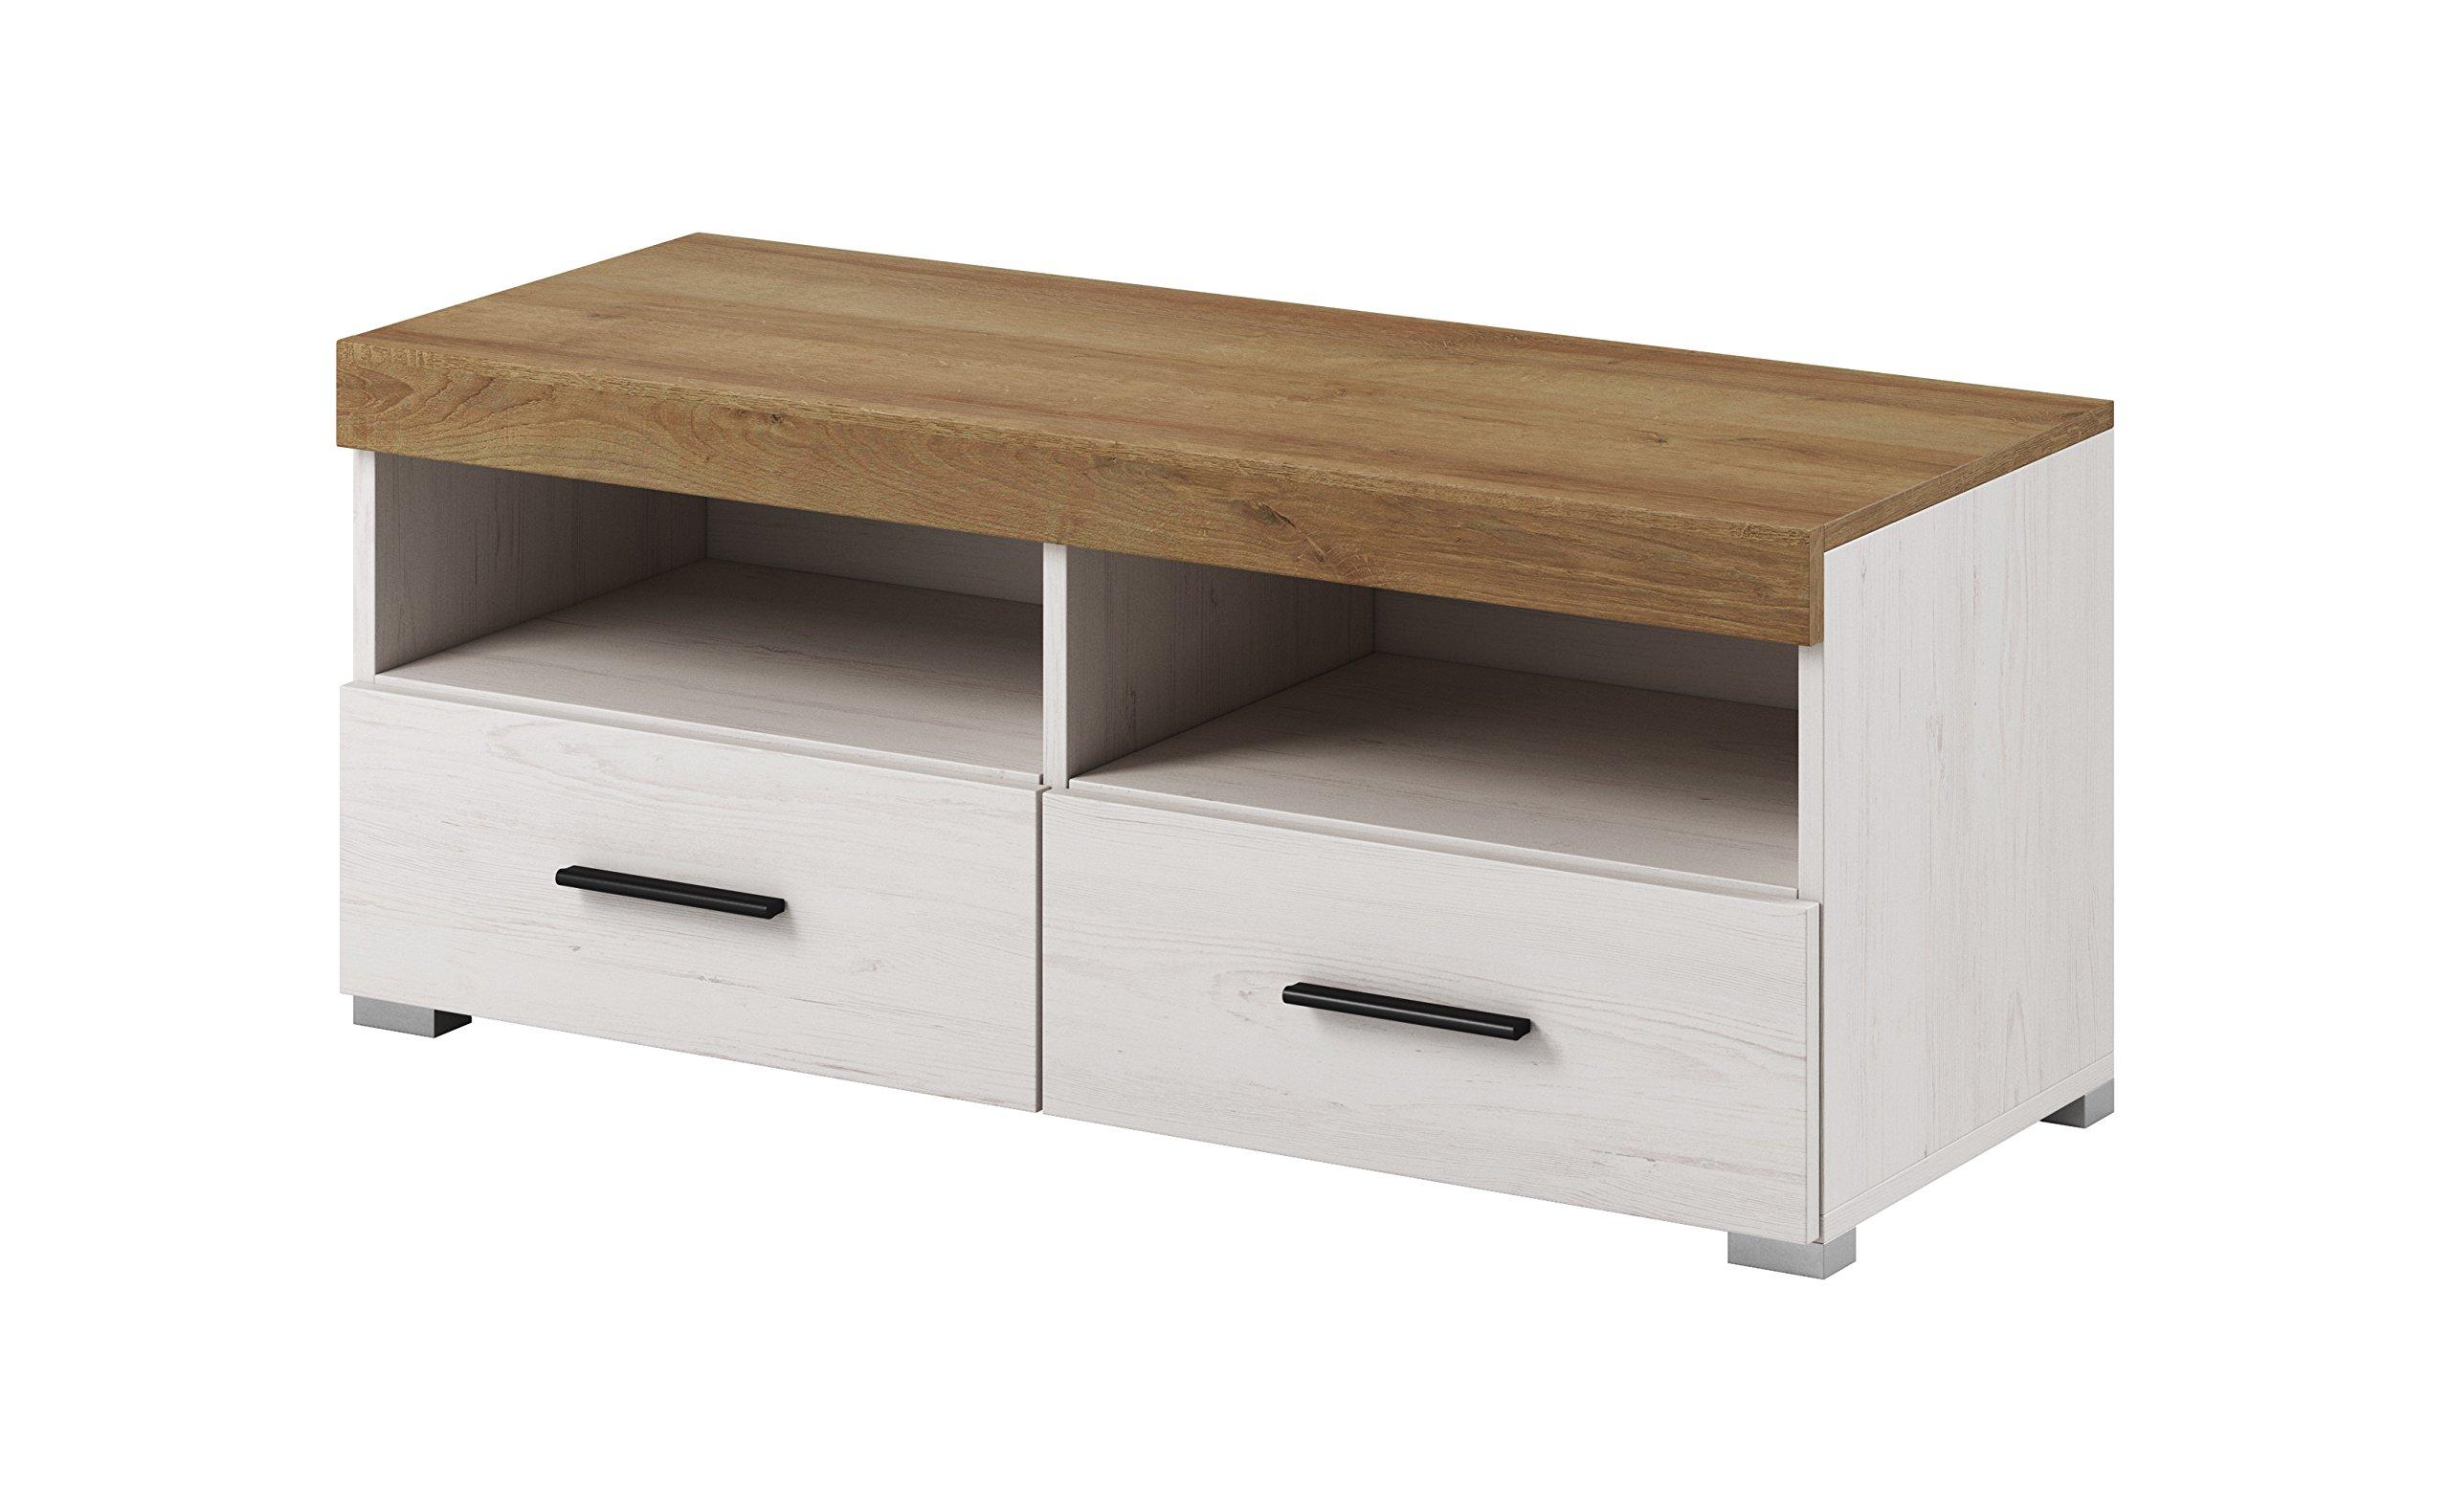 Gravalo Erik Collection - Mueble para televisor (99,37 cm de Ancho, con Estante para Colgar, 99,